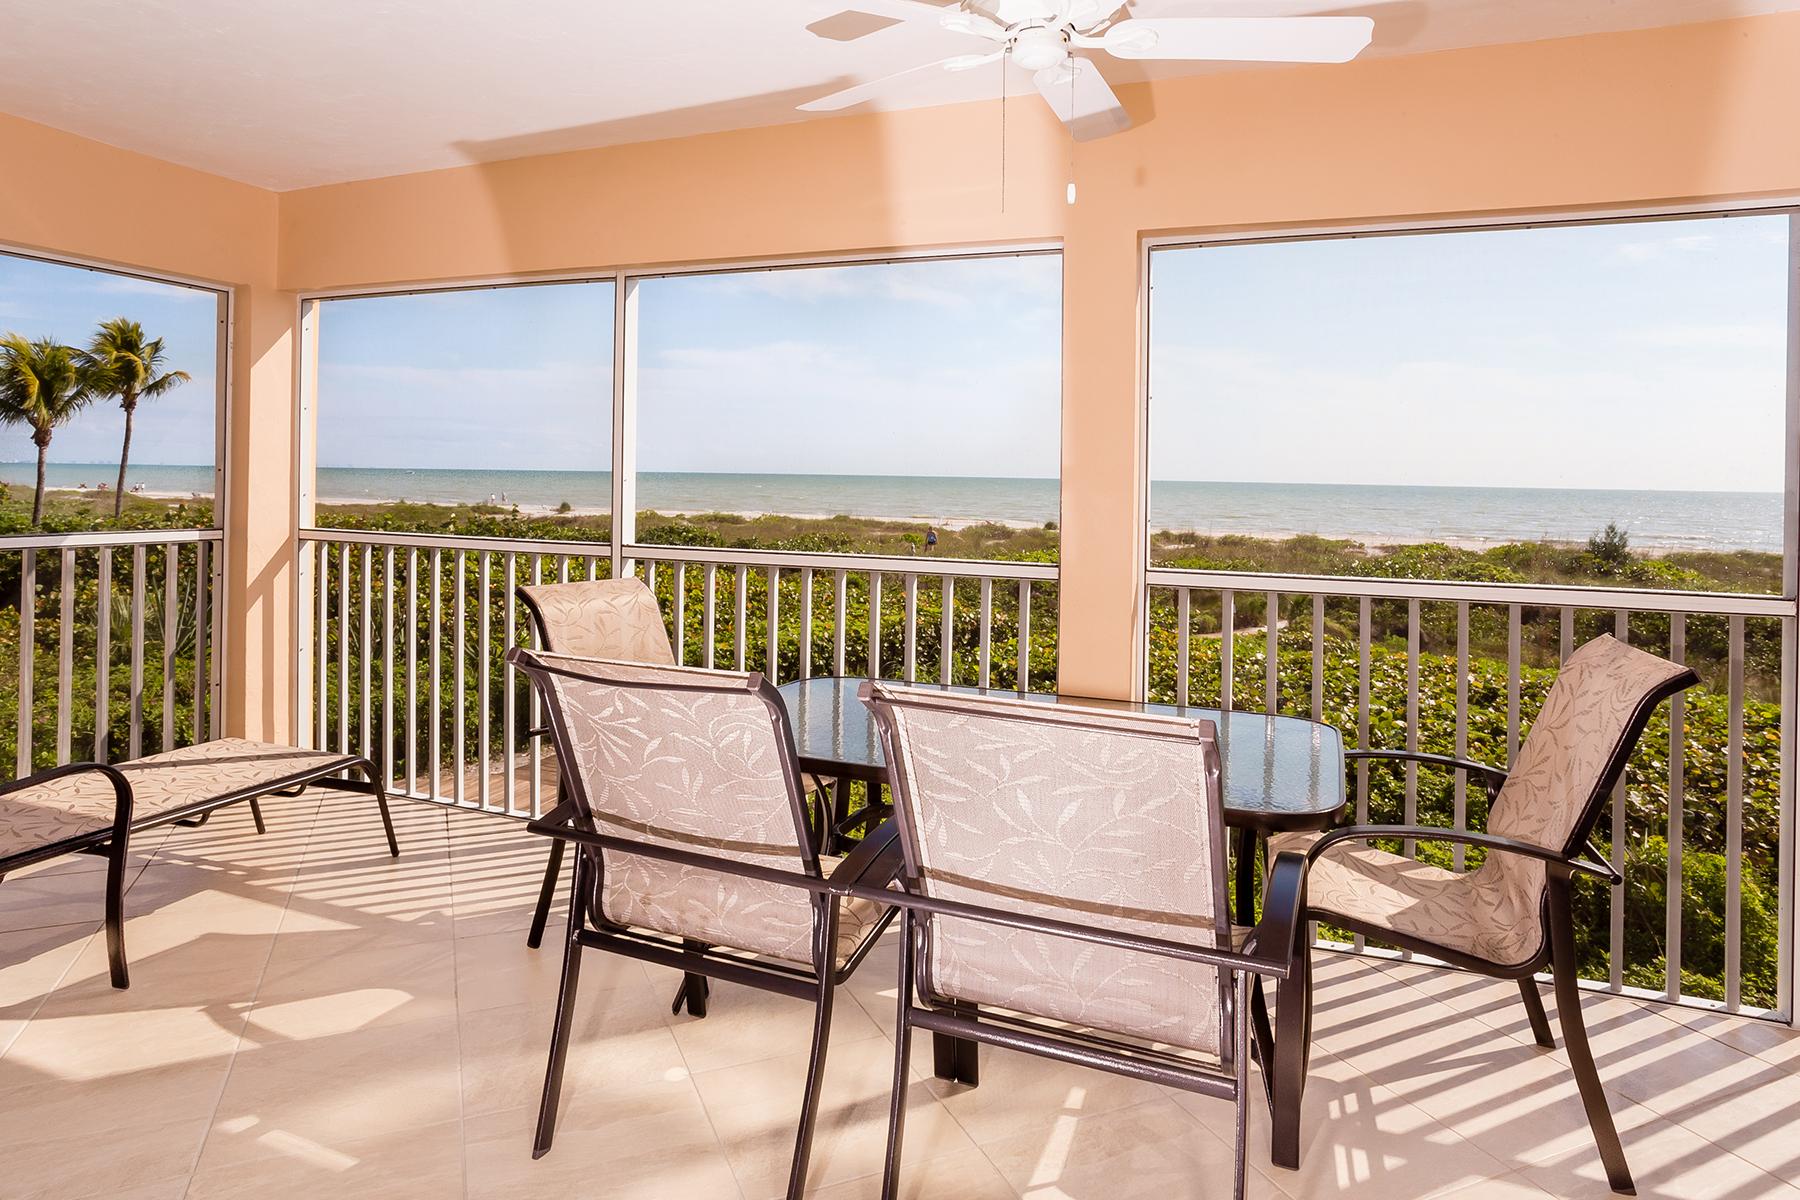 联栋屋 为 销售 在 164 Southwinds Dr , Sanibel, FL 33957 164 Southwinds Dr 撒你贝尔, 佛罗里达州, 33957 美国